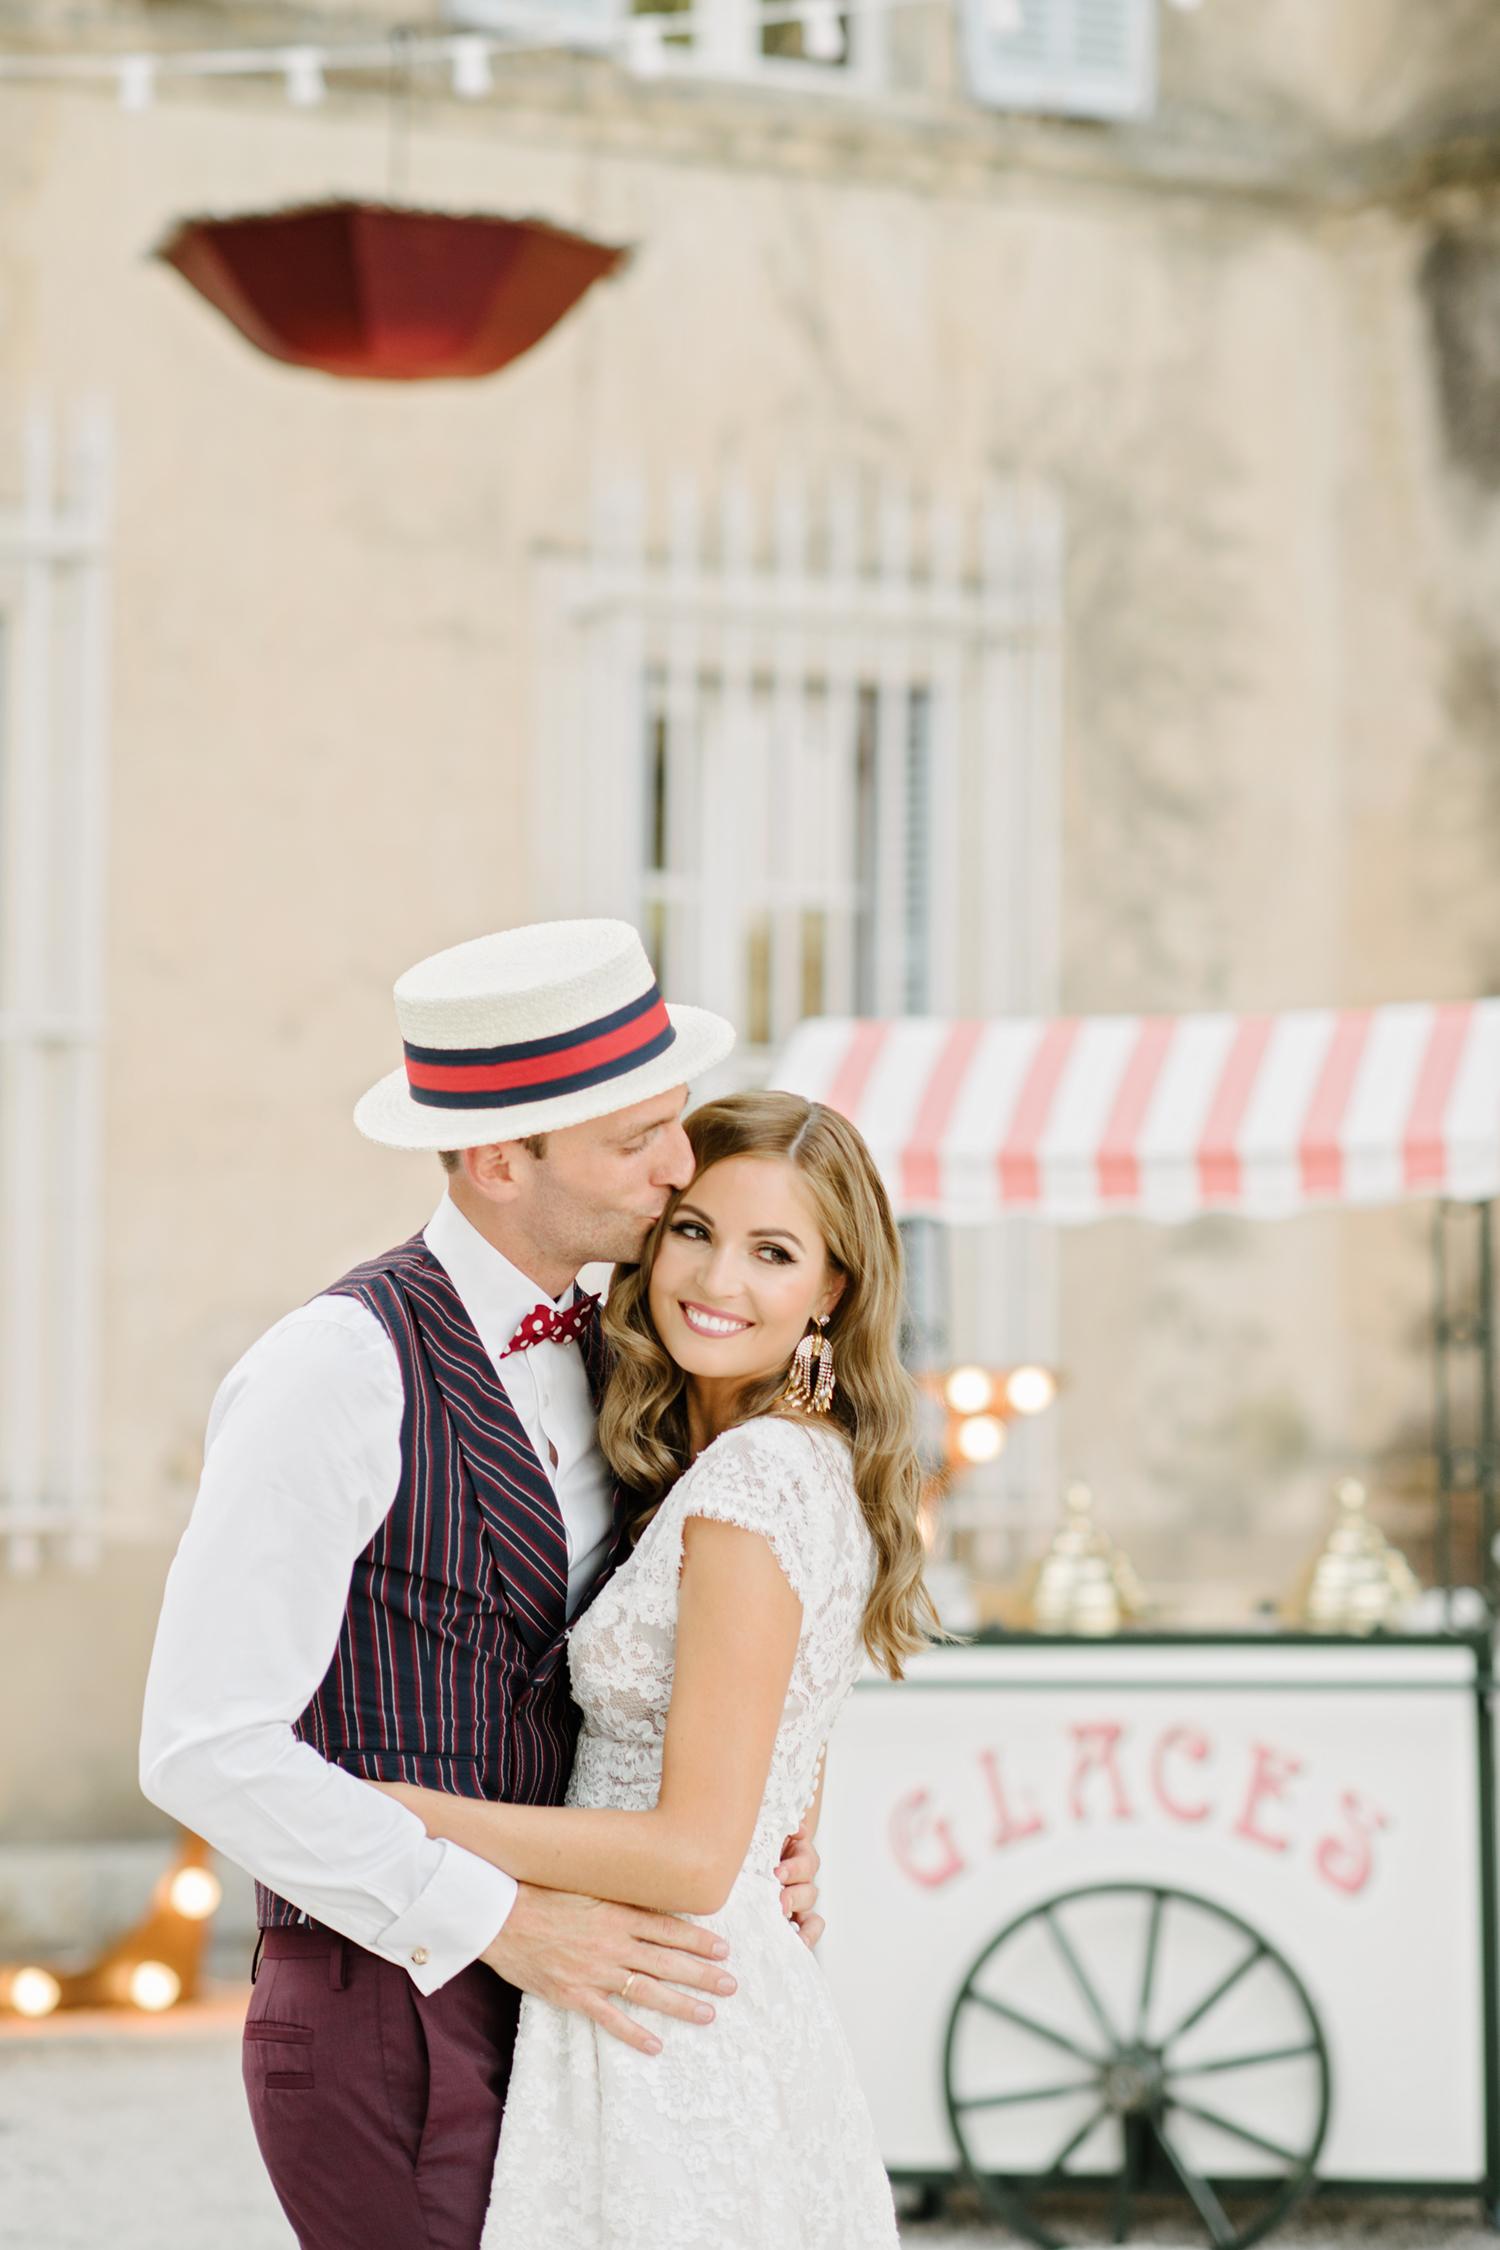 Chateau-Robernier-Wedding-Photography-0033.jpg